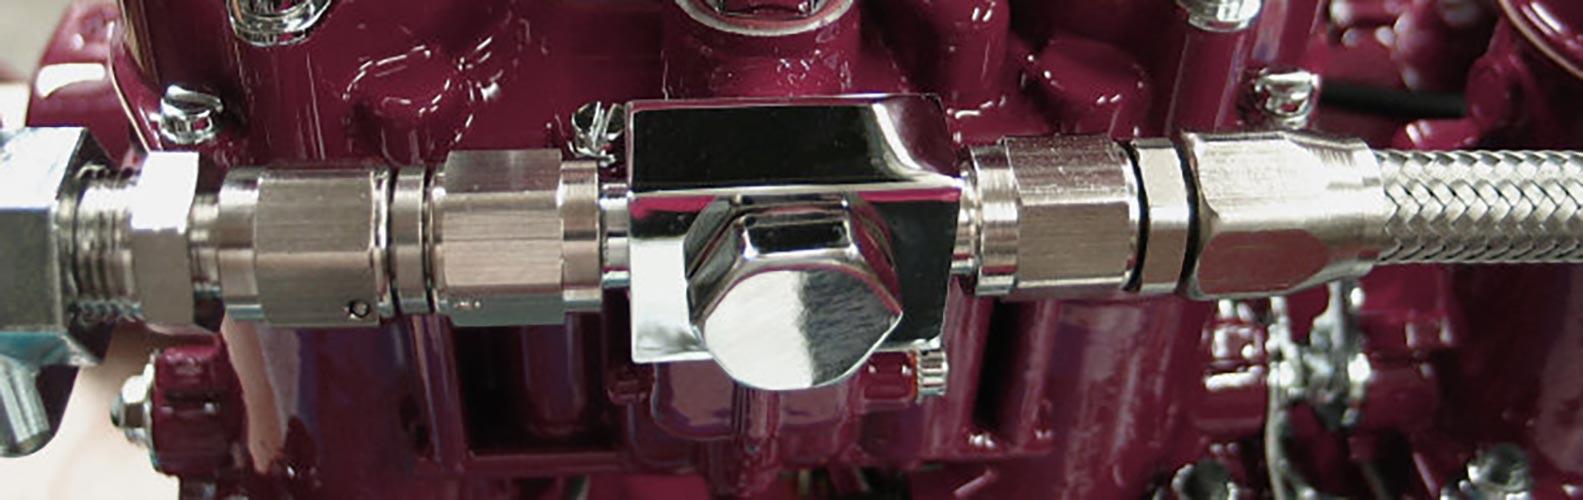 Fuel Line Close Up